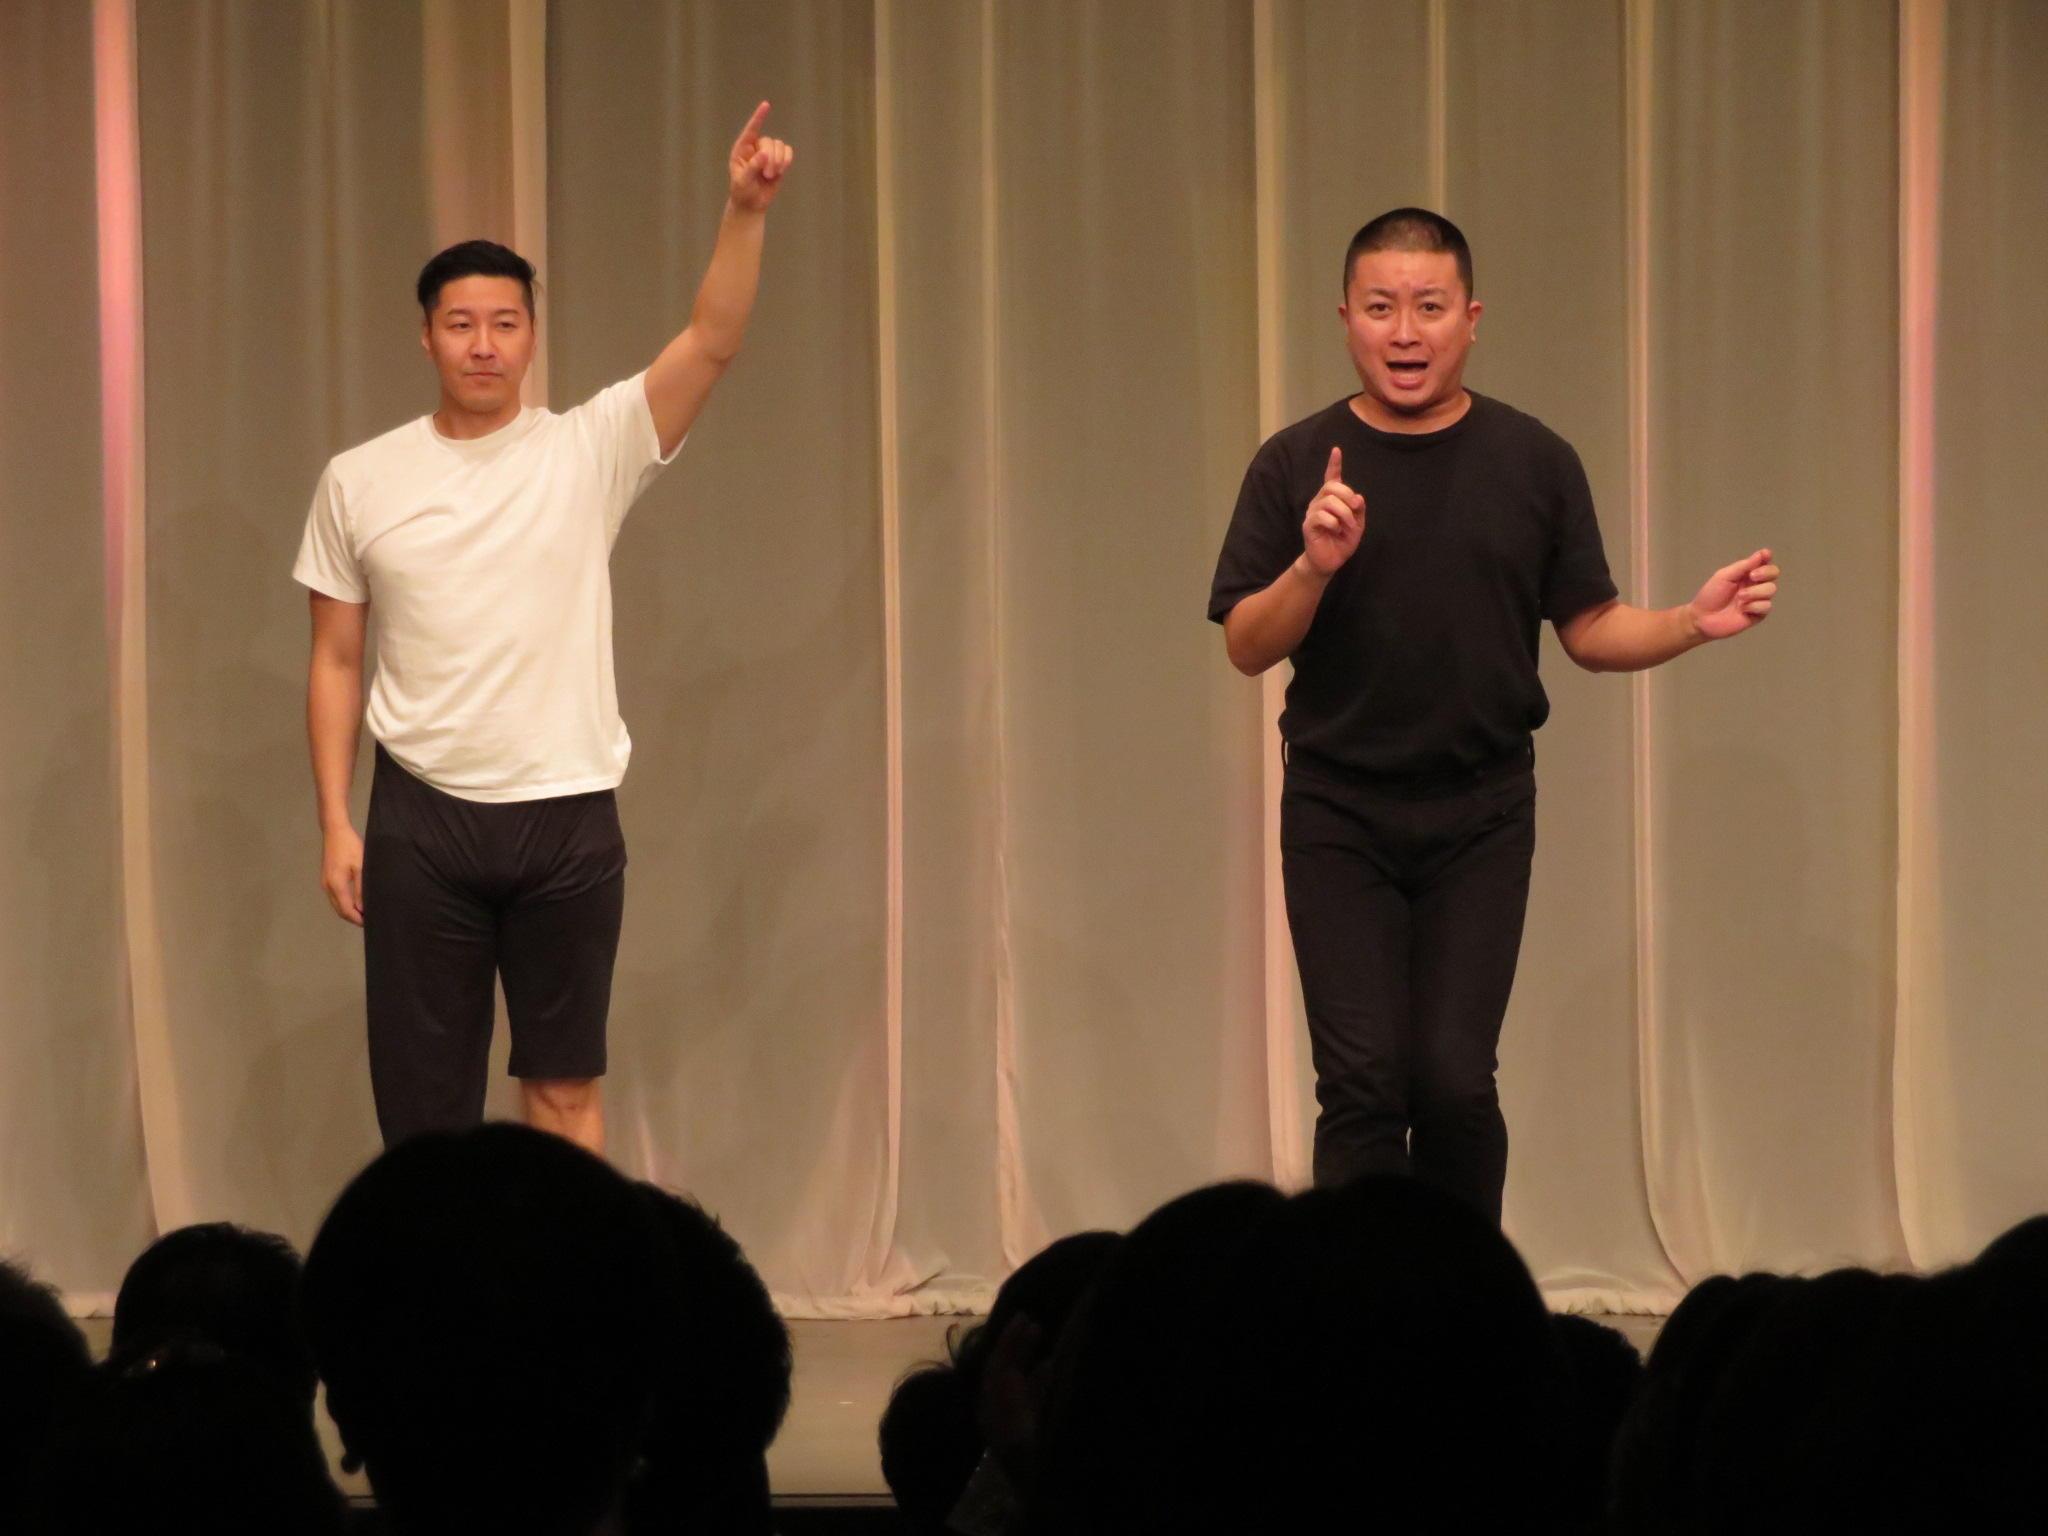 http://news.yoshimoto.co.jp/20180110191026-6498c1d08f04efc8424cb42d95b0b729dea59d1e.jpg